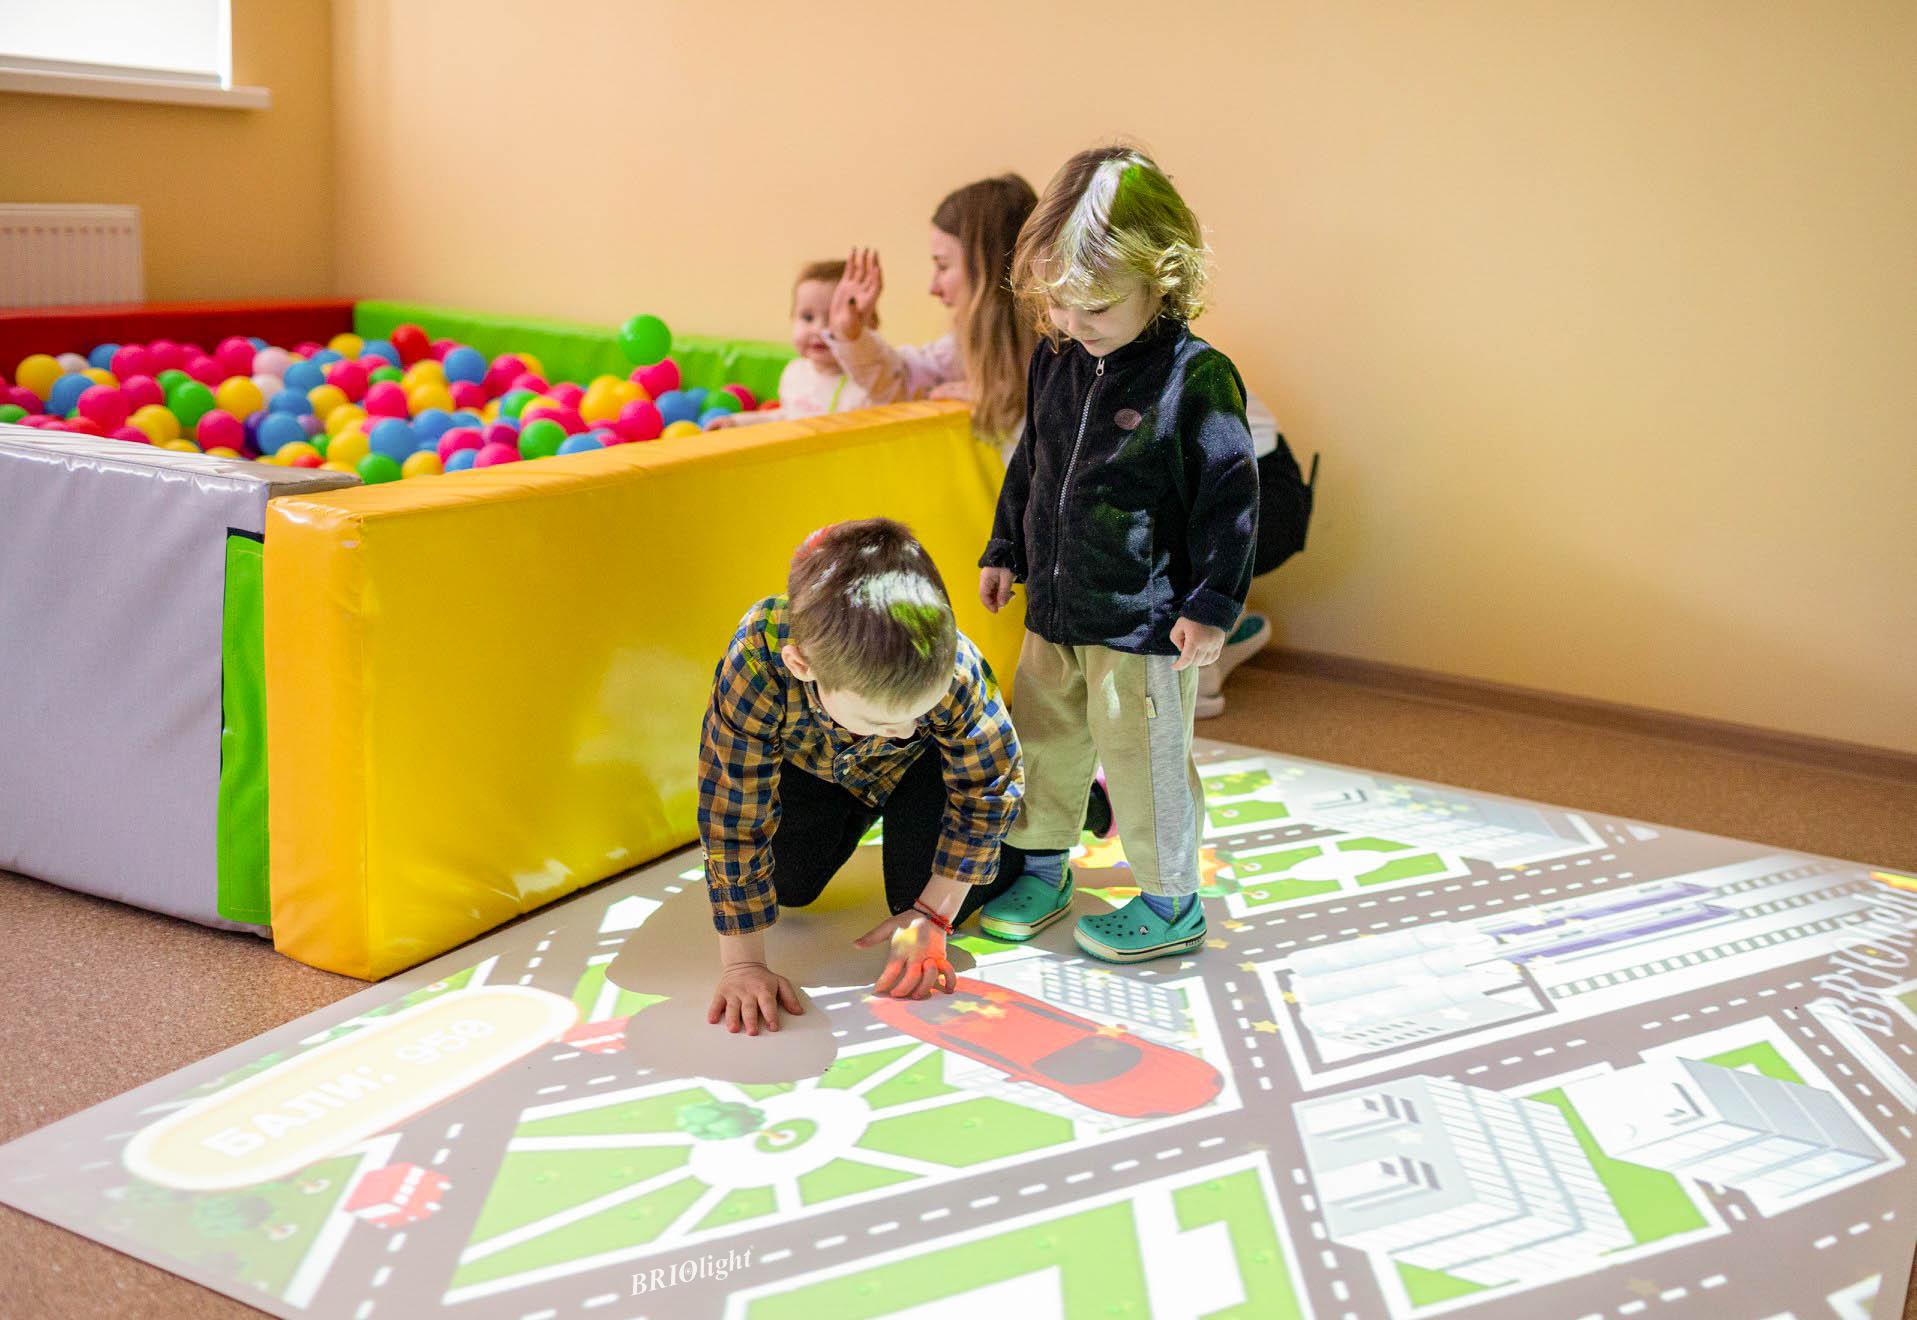 інтерактивна підлога купить в україні ціна